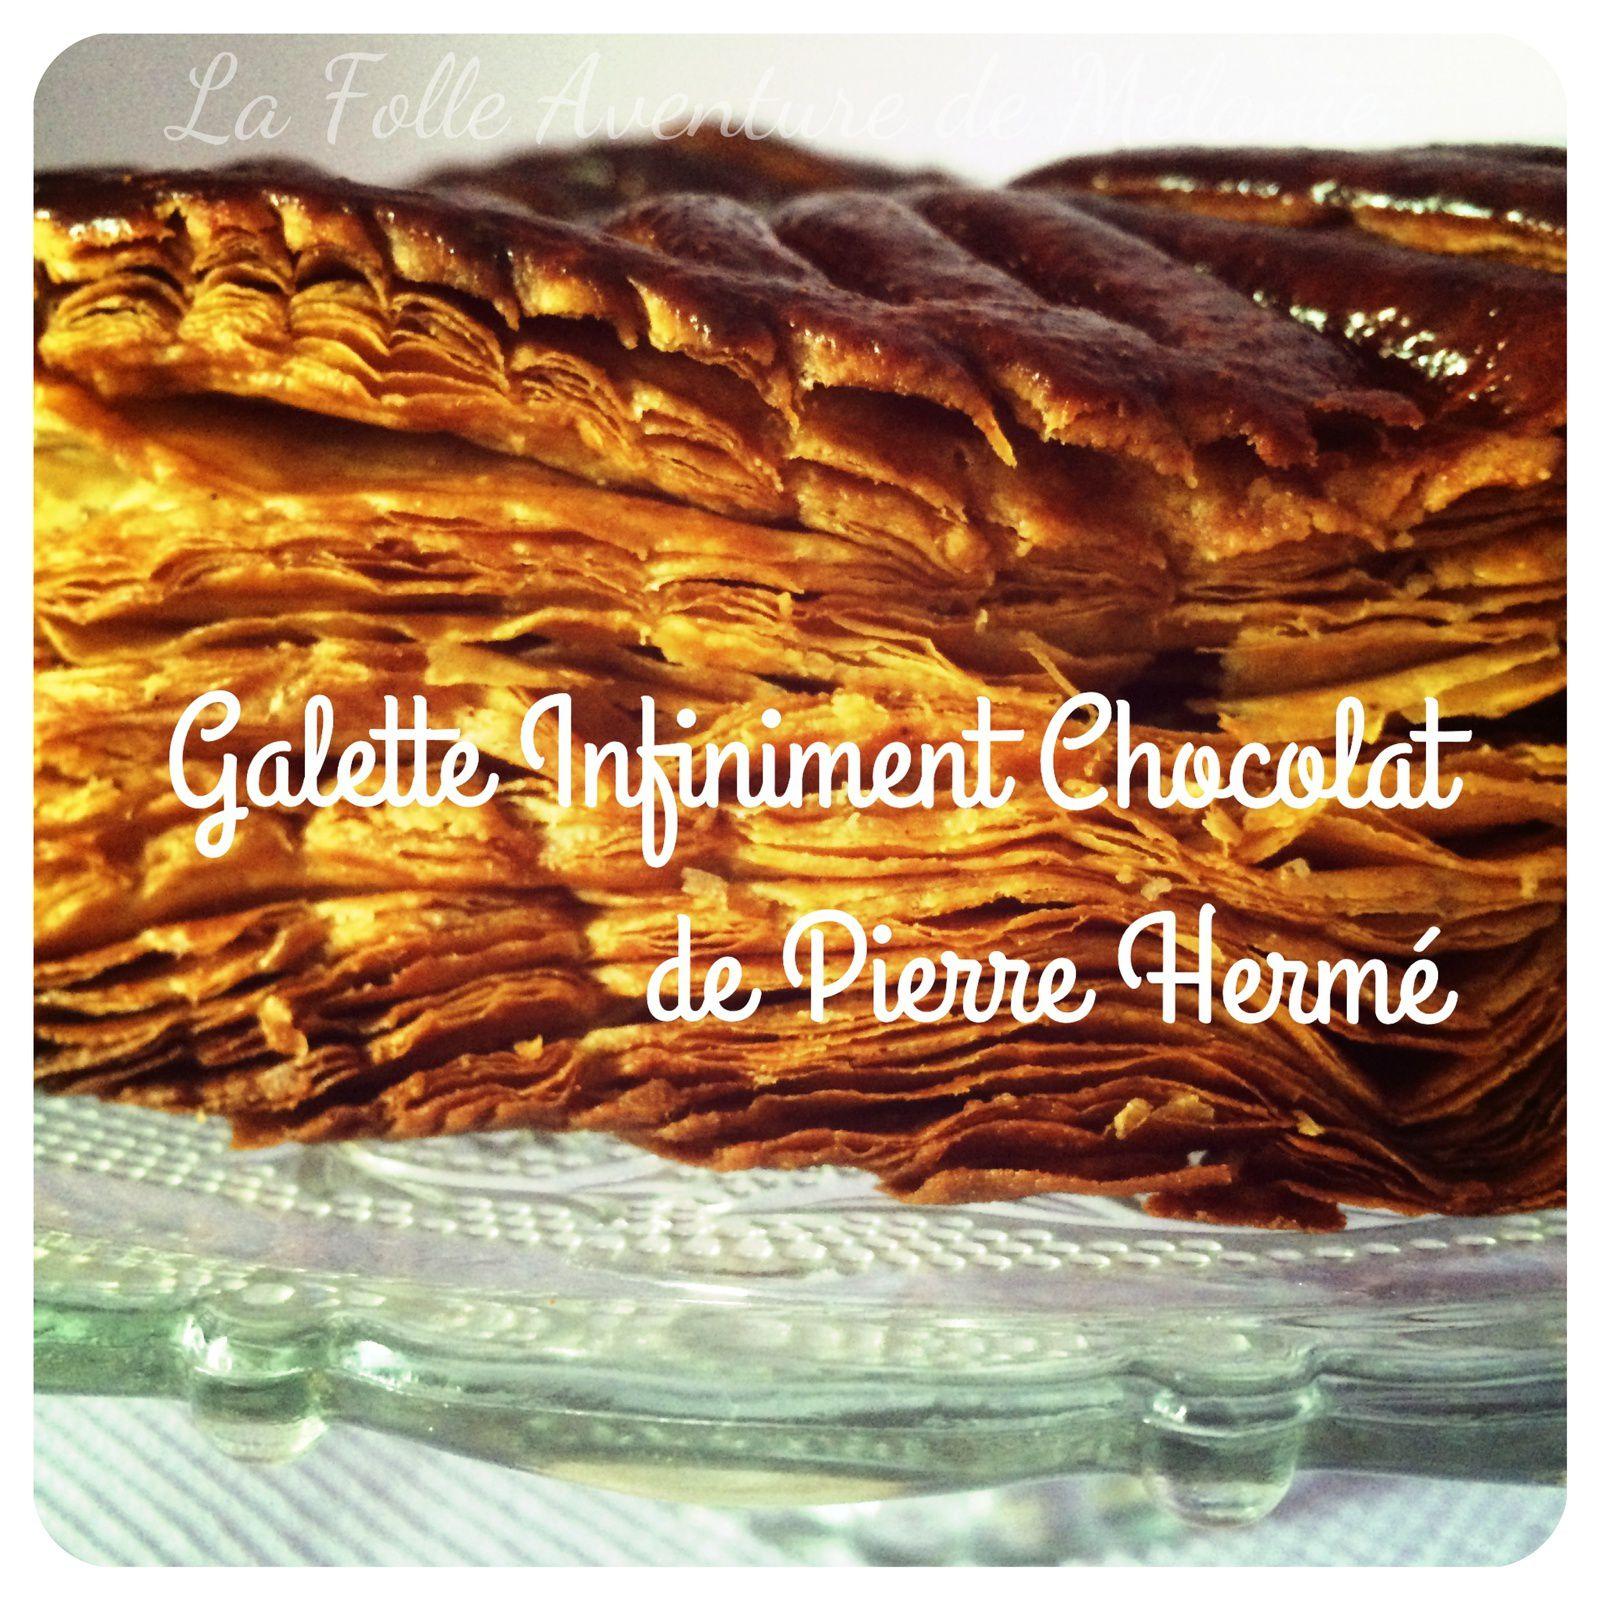 Galette infiniment chocolat façon Pierre Hermé - Pâte feuilletée inversée chocolatée